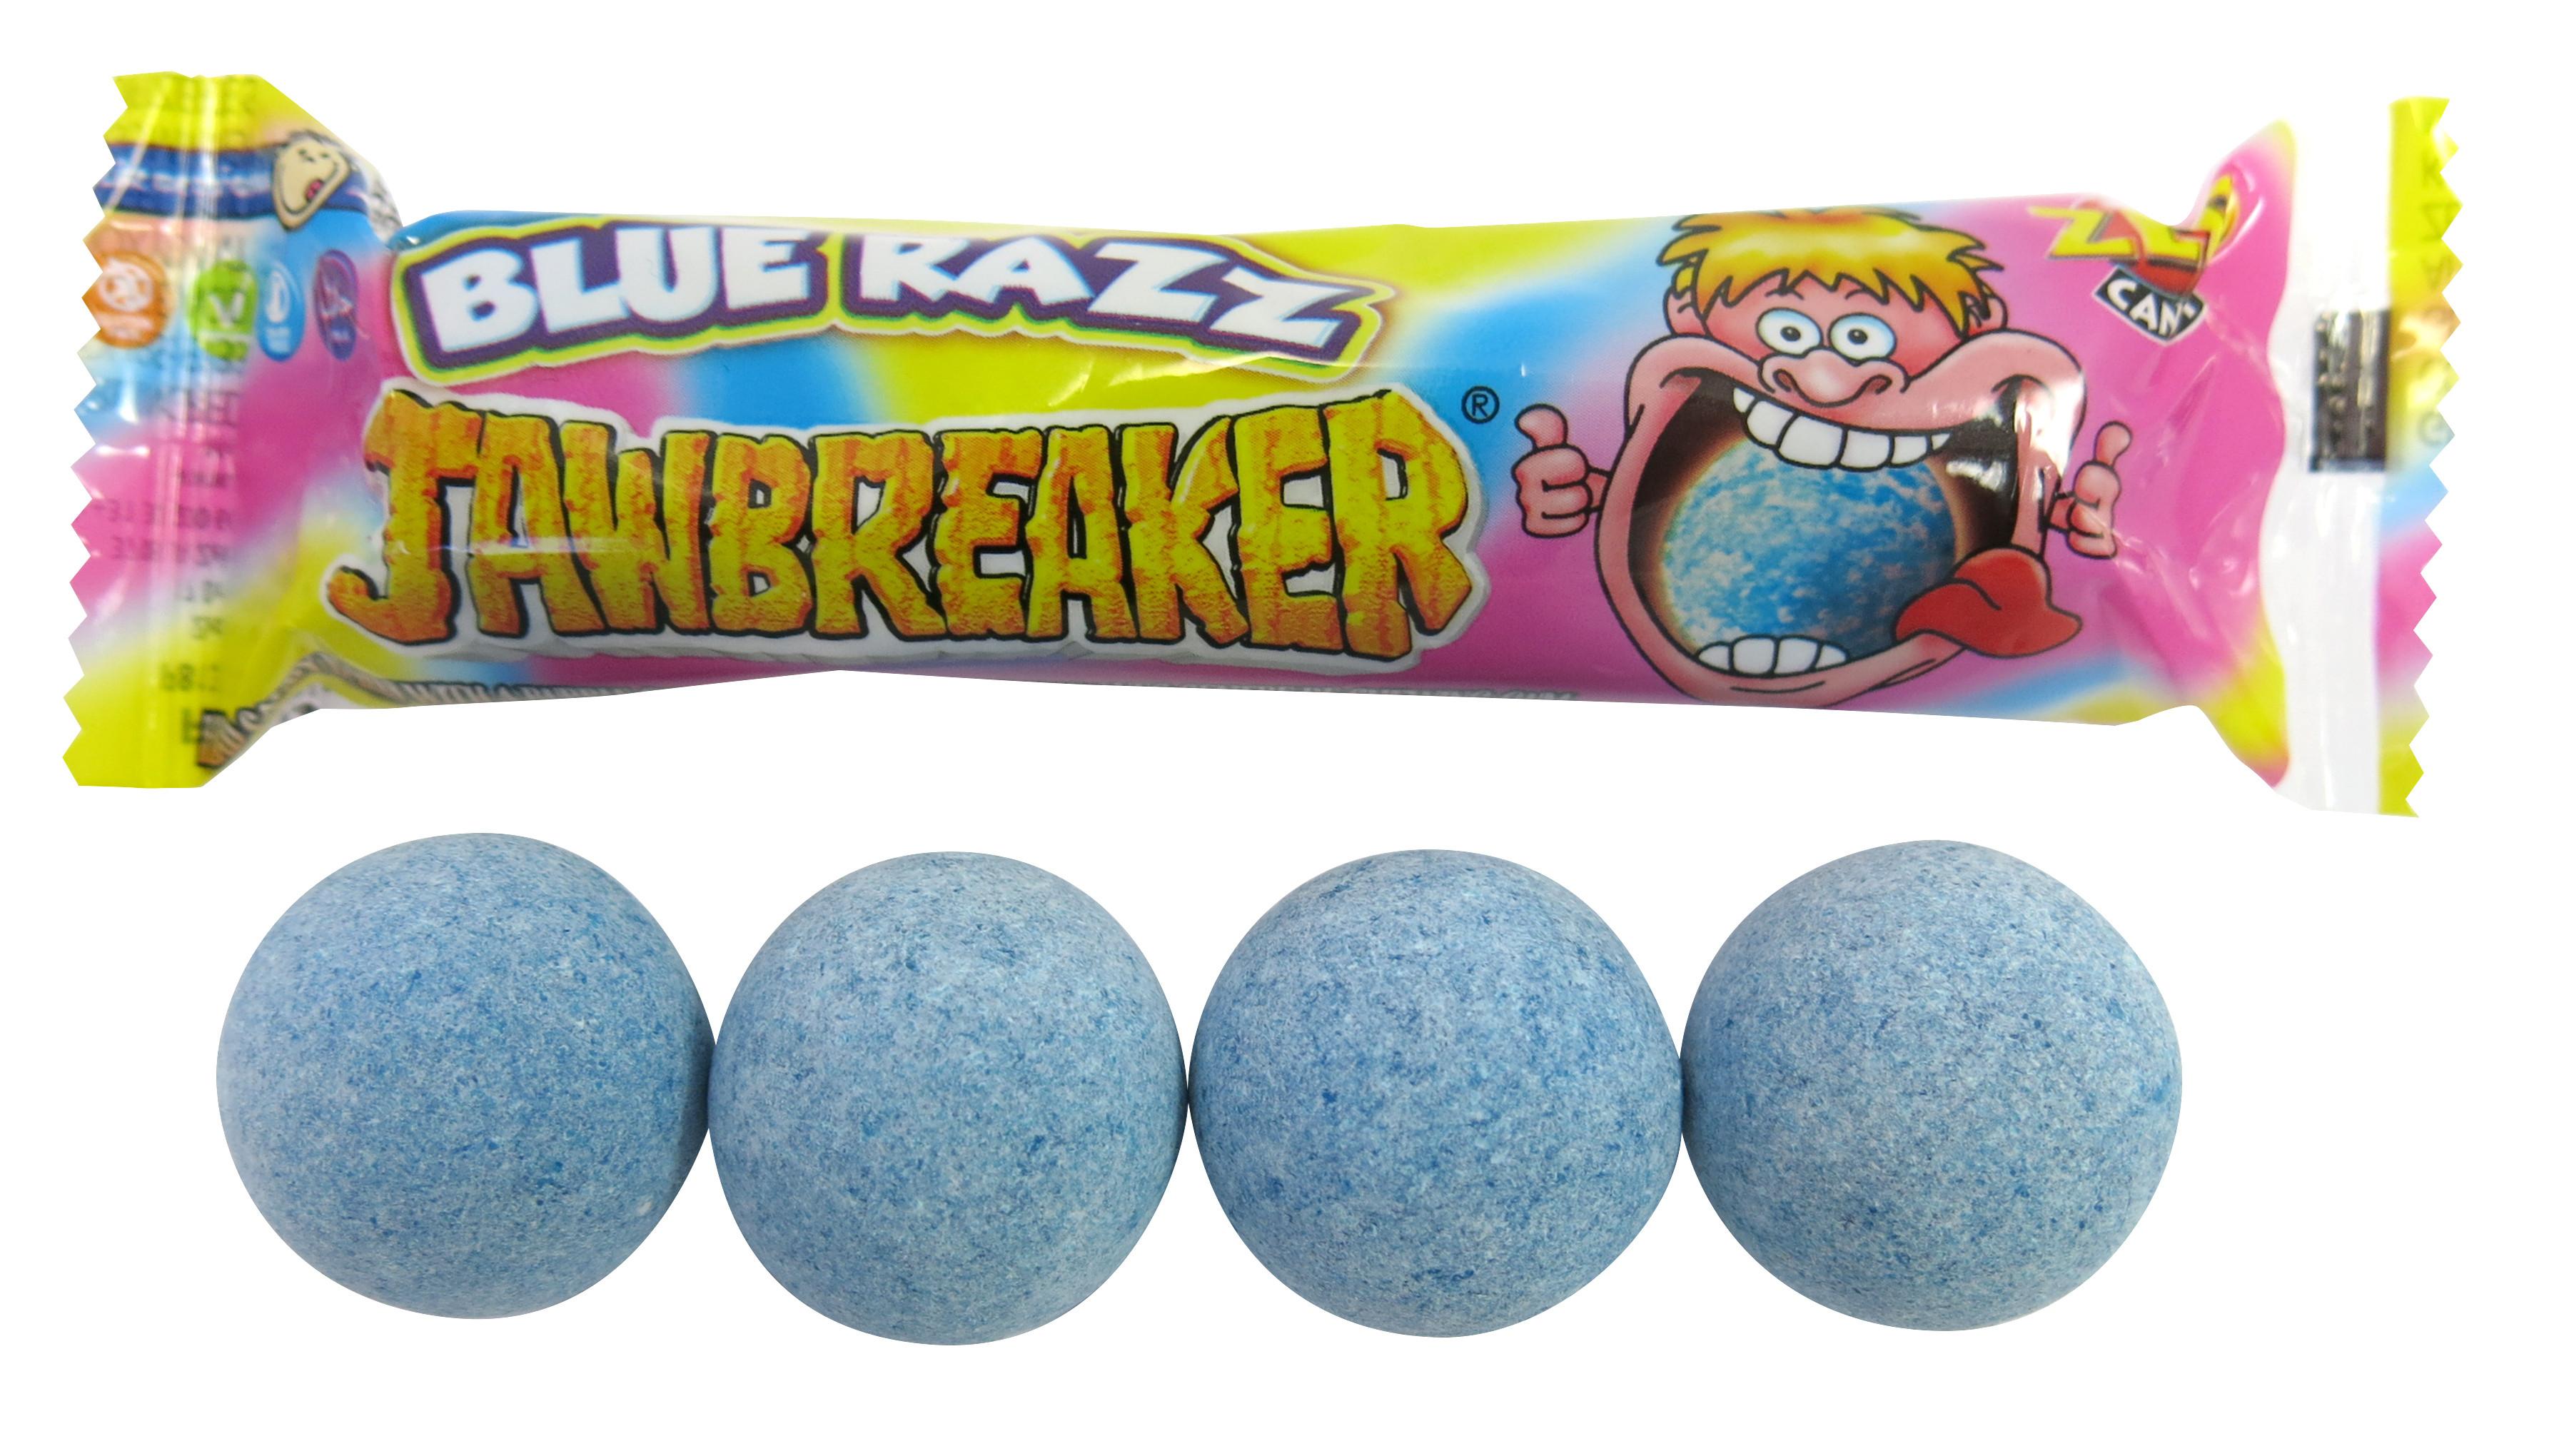 Blue Razz Jawbreaker